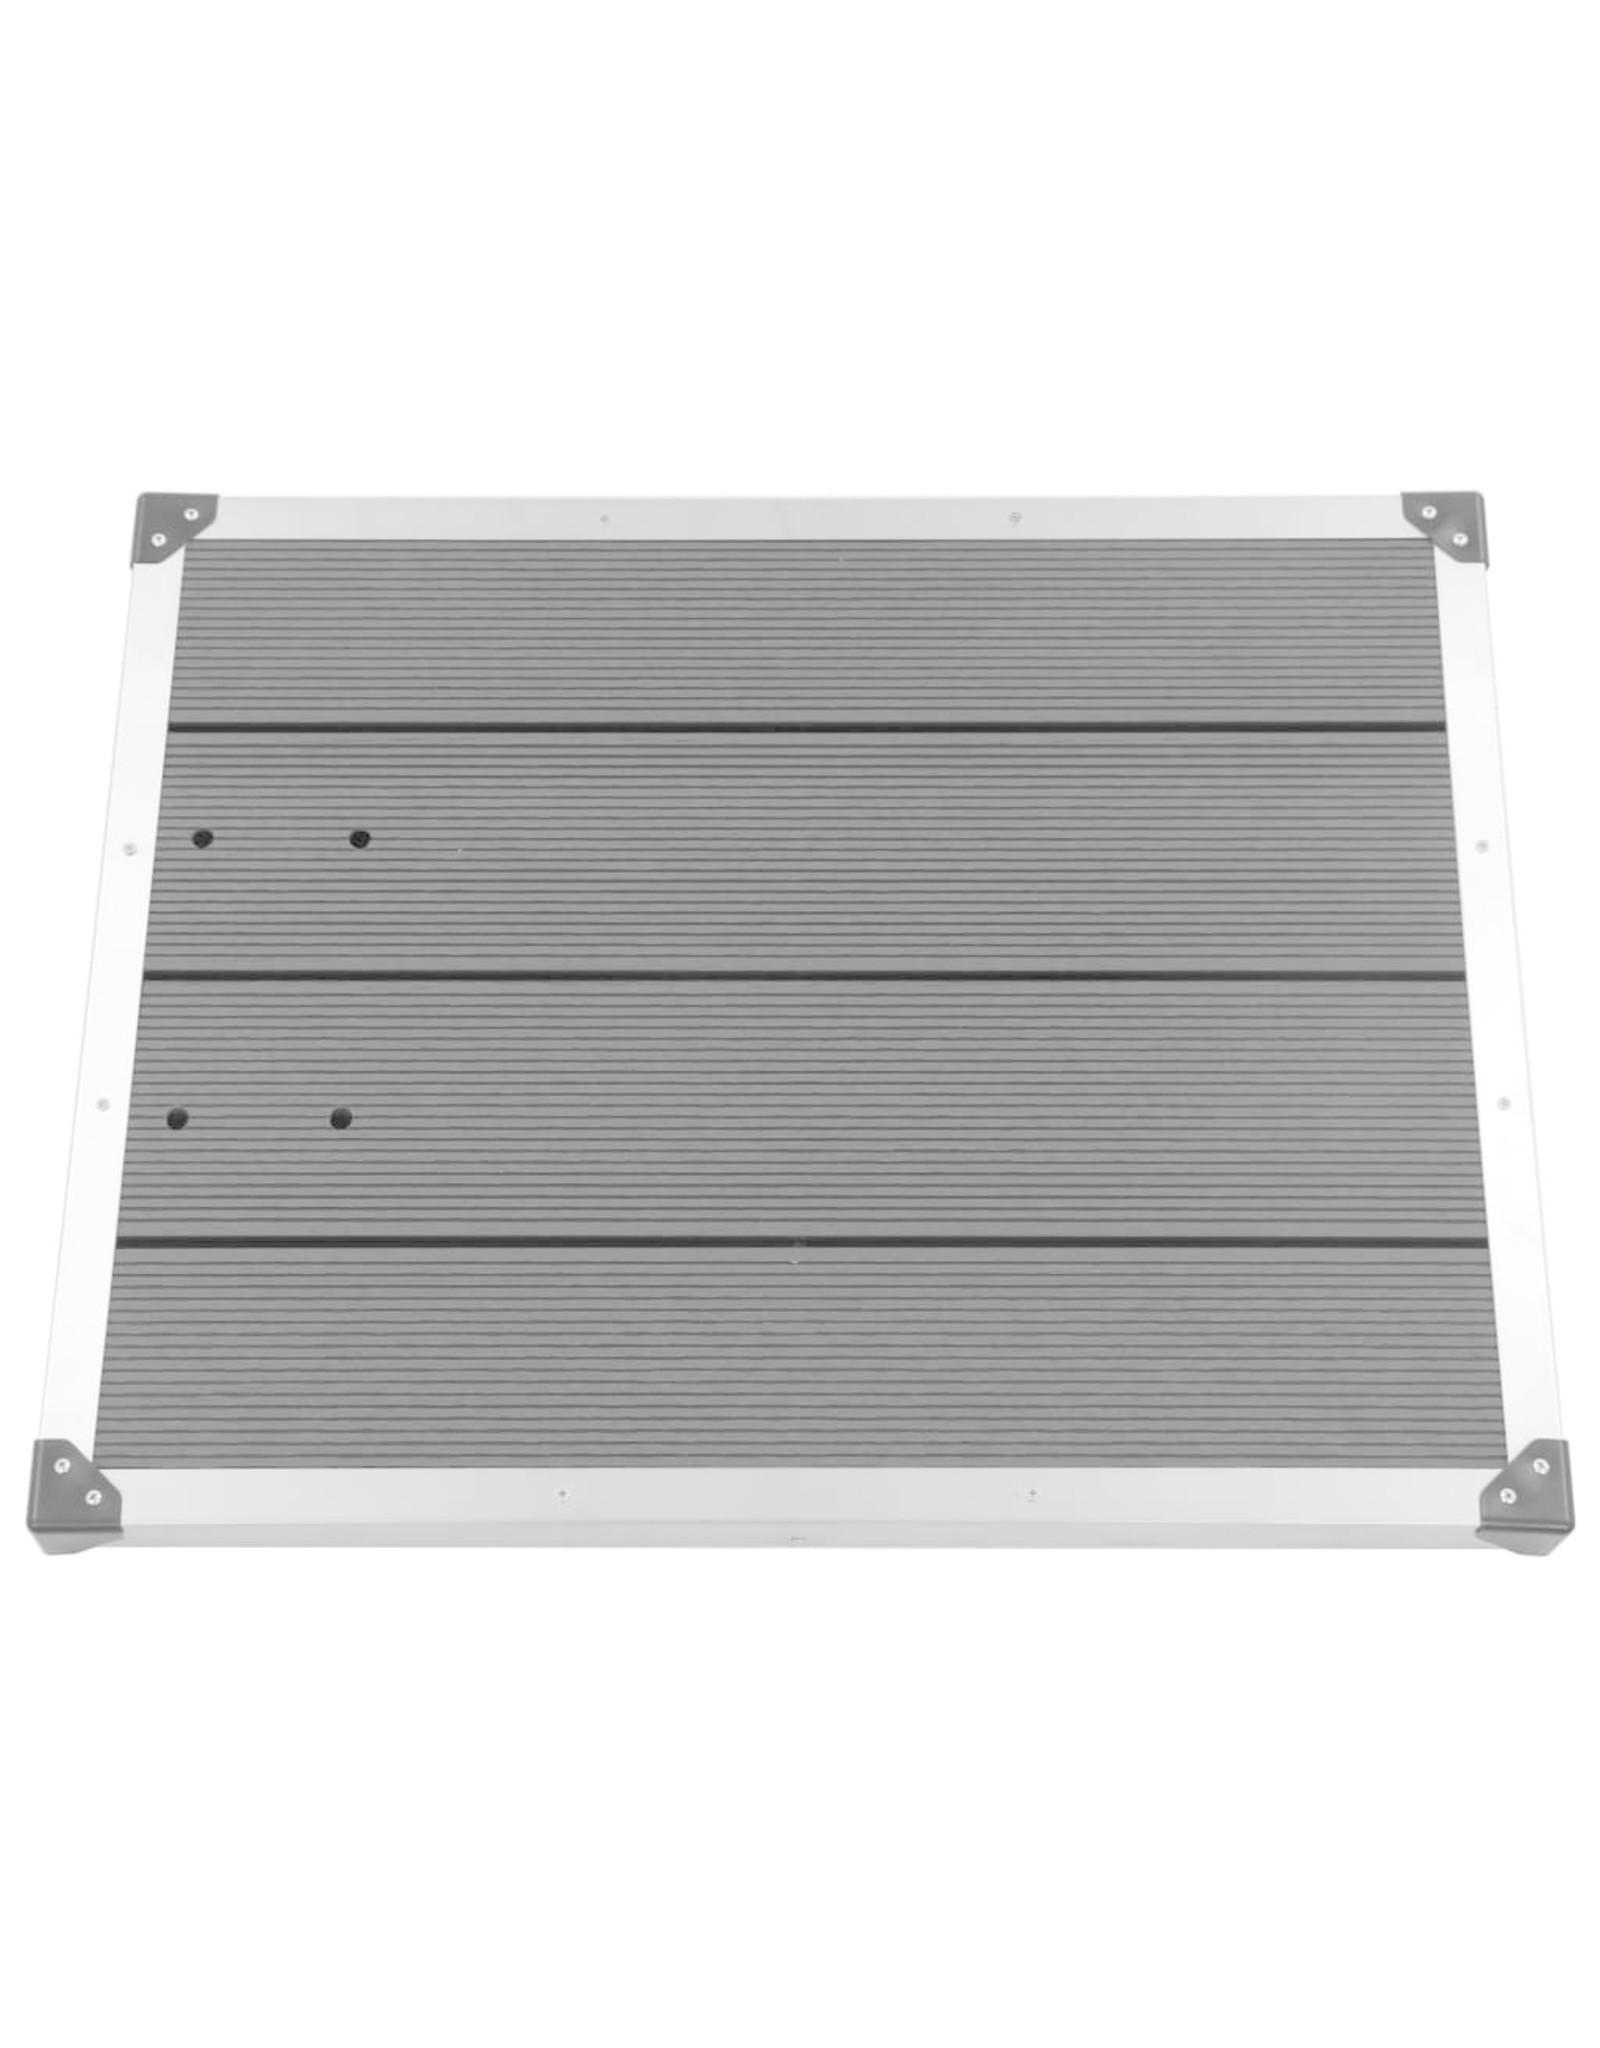 Buitendouchebak 80x62 cm HKC roestvrij staal grijs